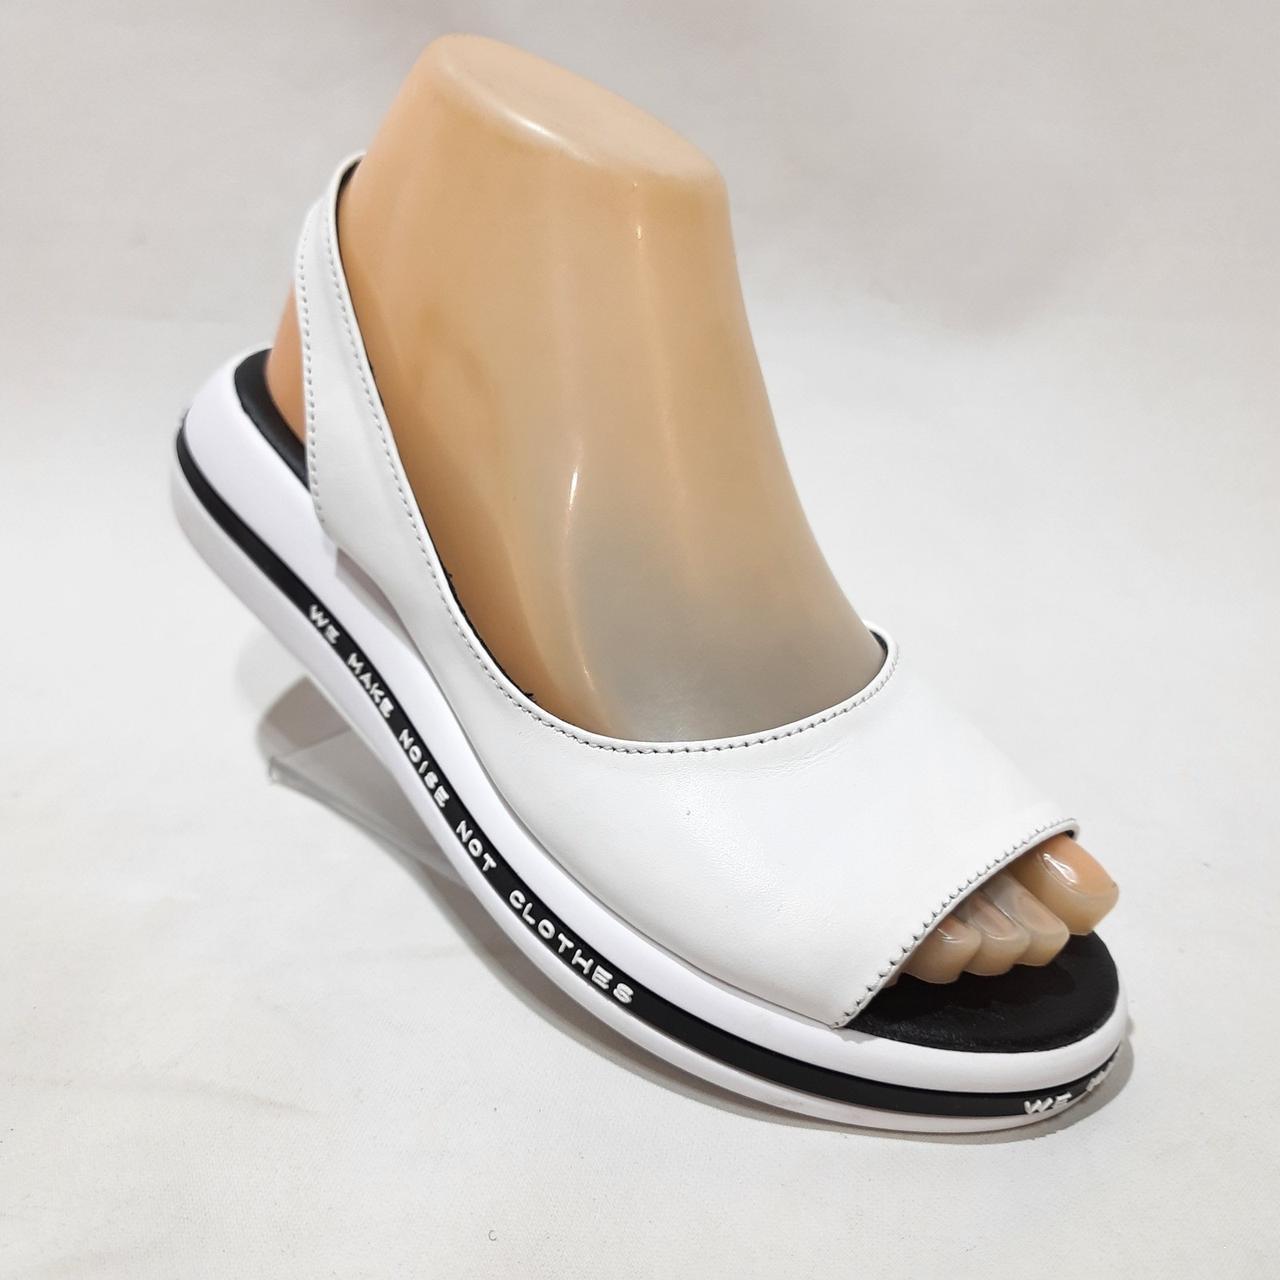 Жіночі сандалі, босоніжки натуральна шкіра на плоскій підошві без застібки Білі